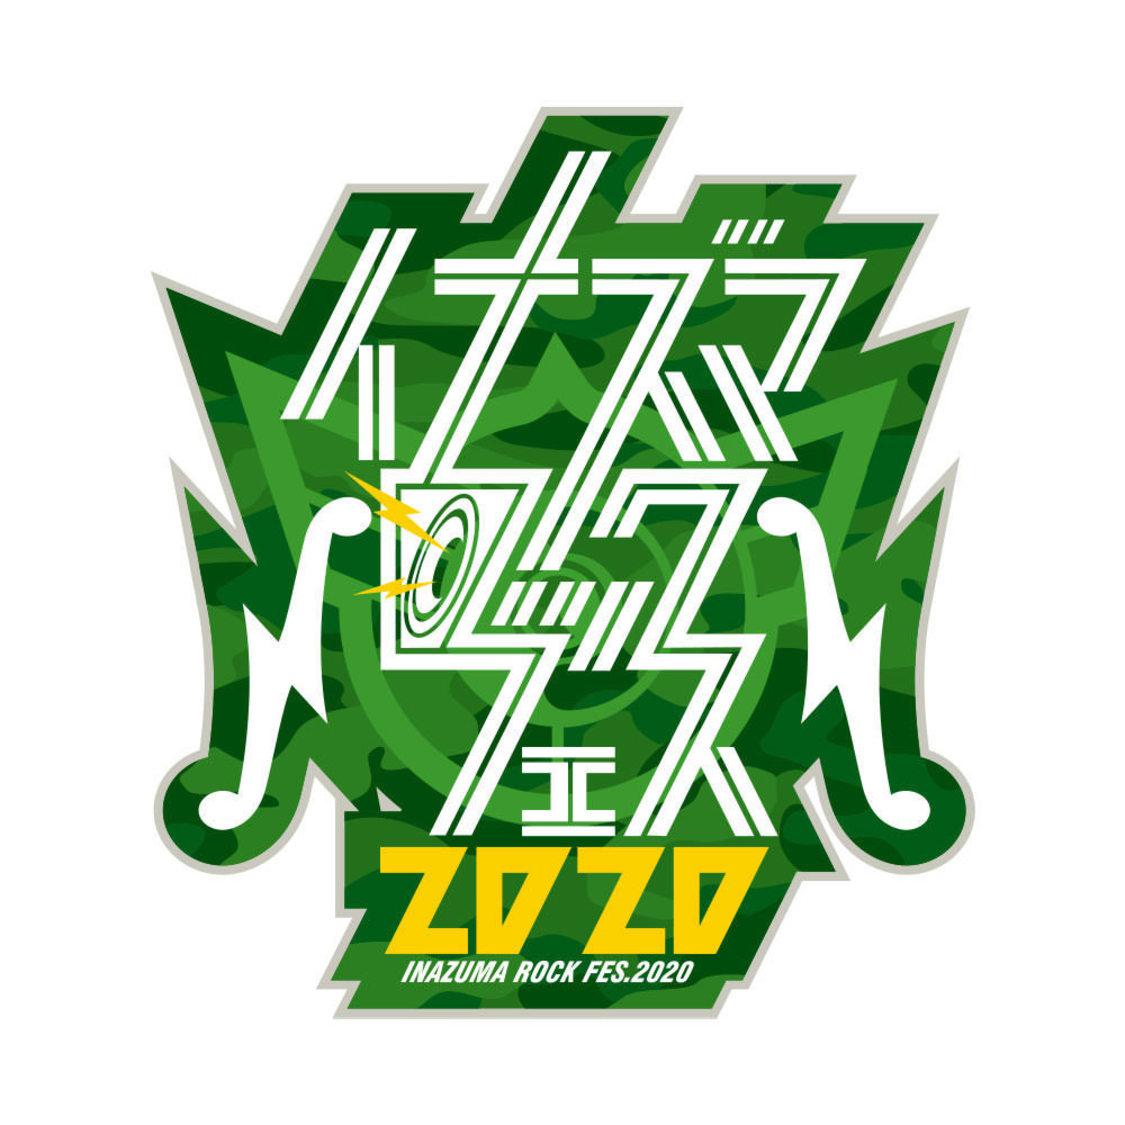 NMB48、わーすた、眉村ちあき、<イナズマロック フェス 2020>チャリティーオークション参加決定!